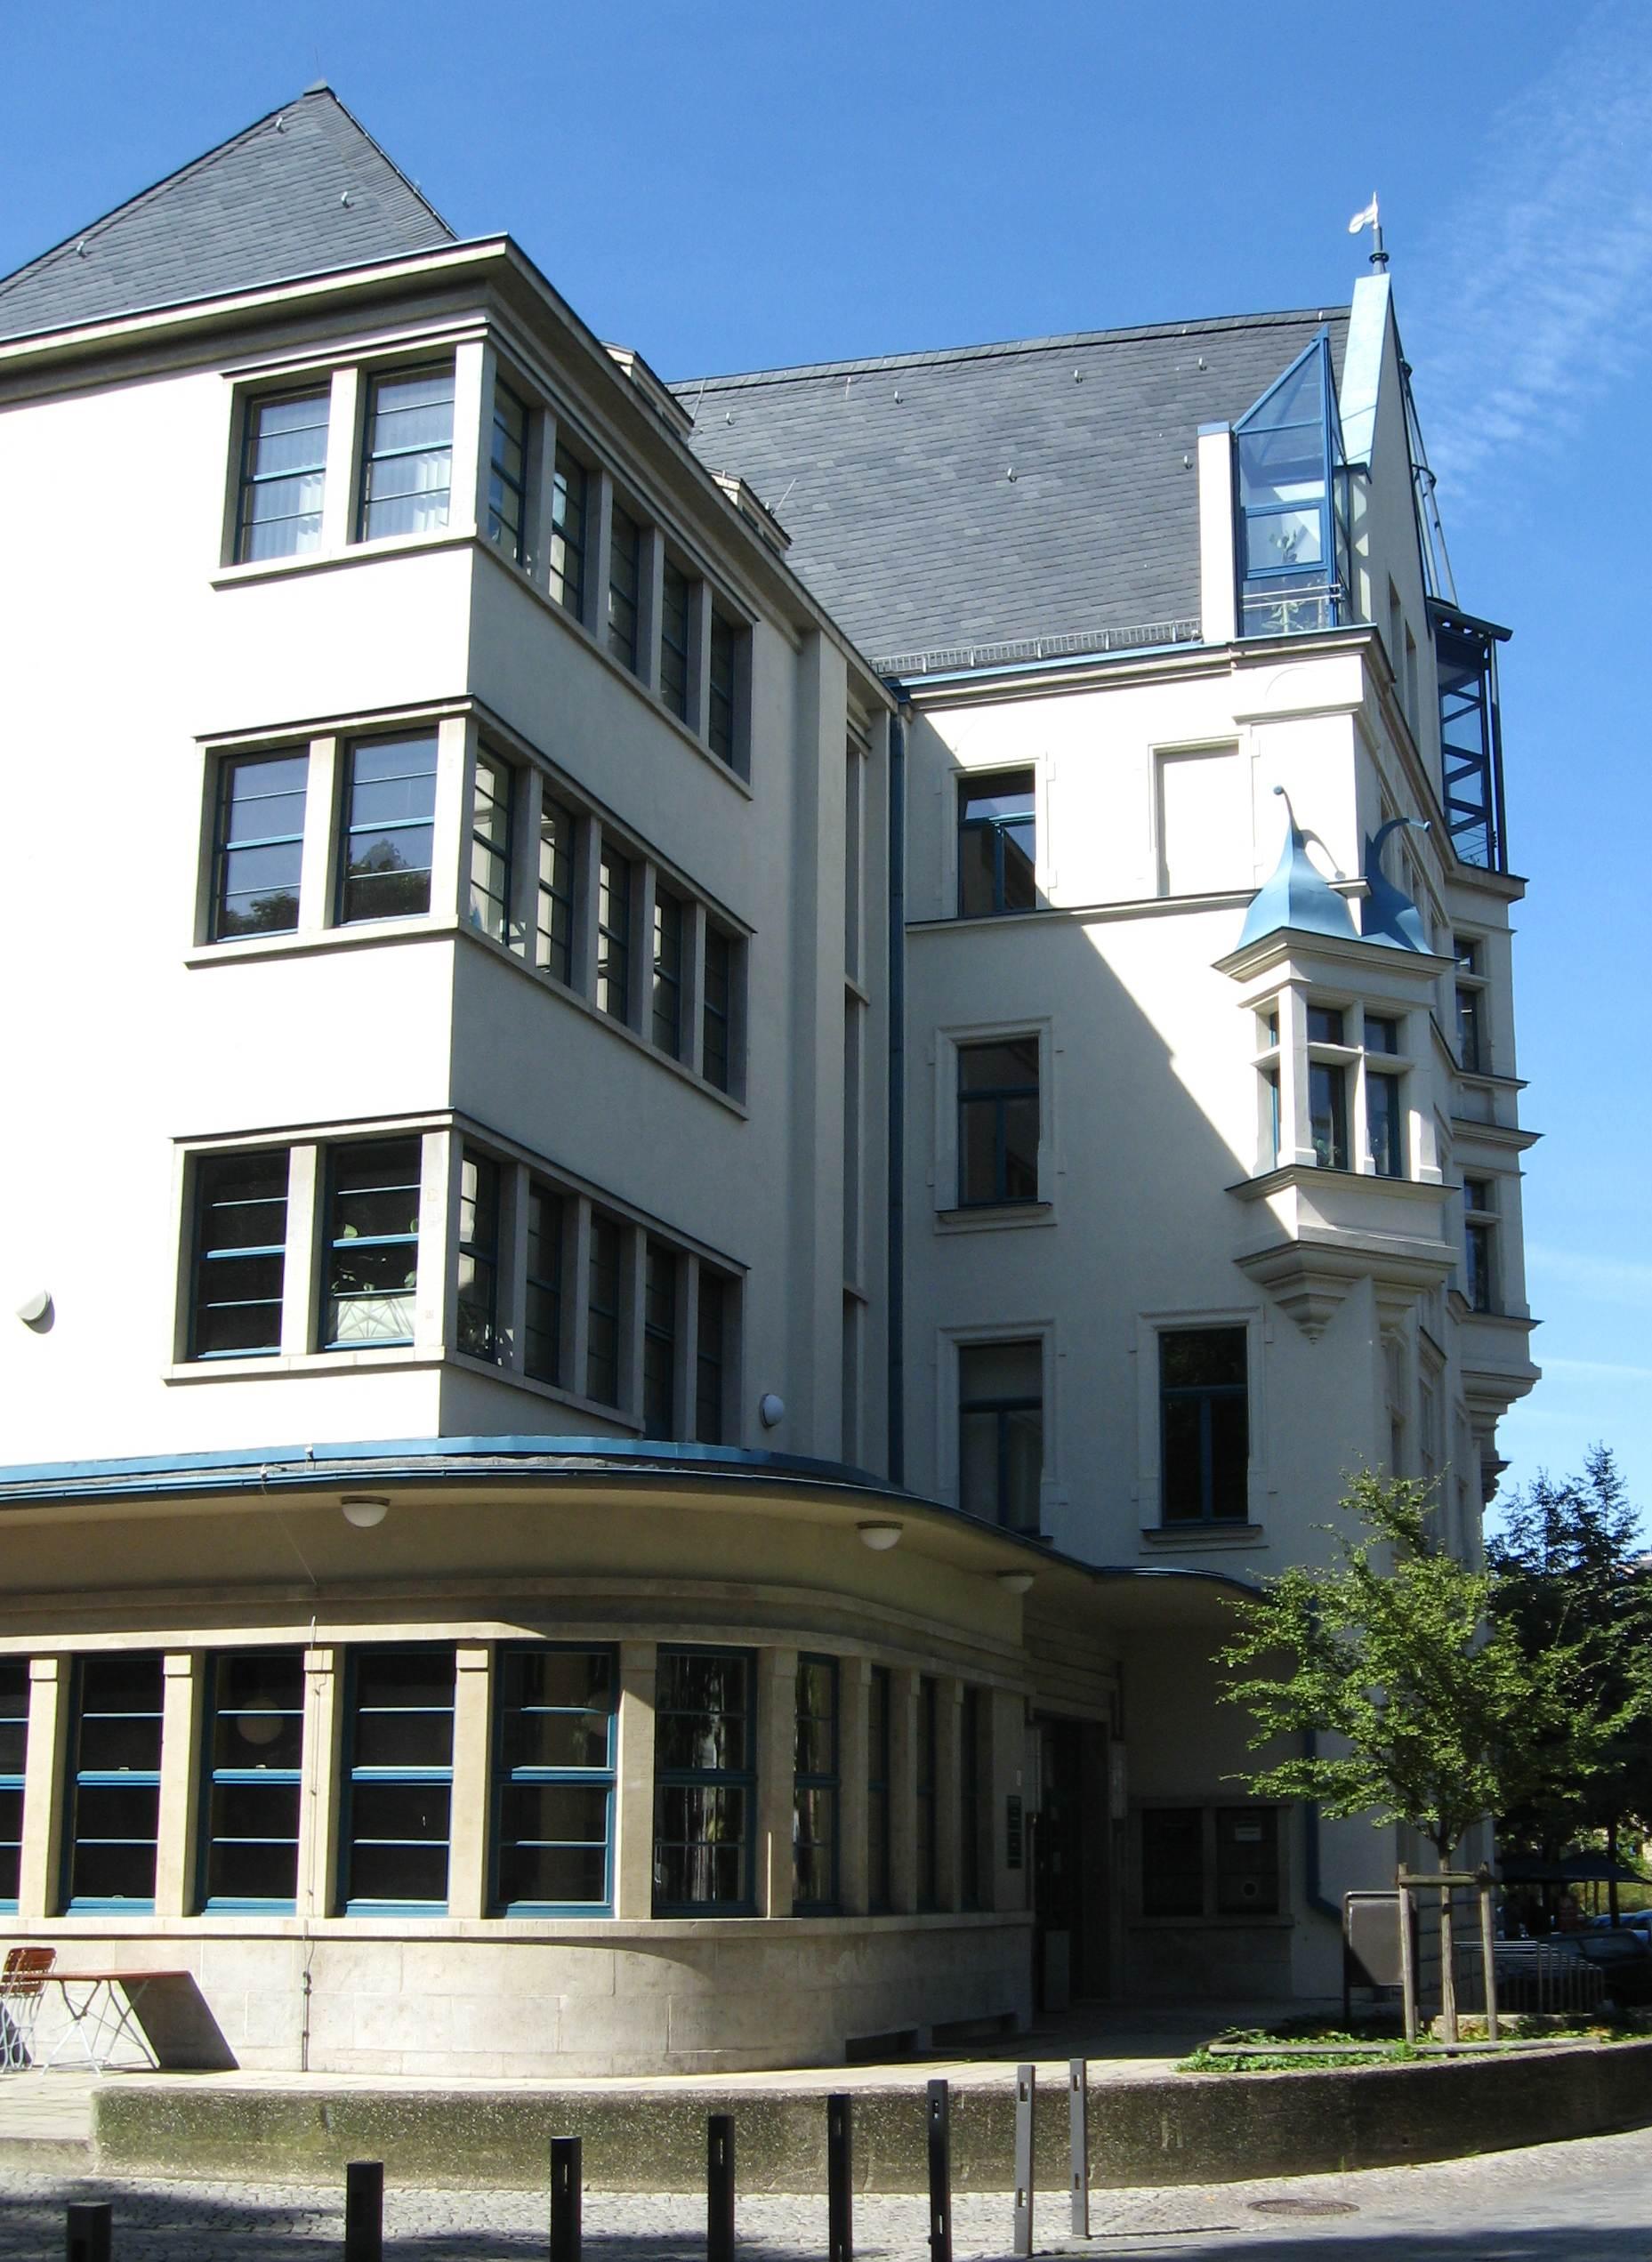 Hotel Halle Saale Nahe Uniklinik